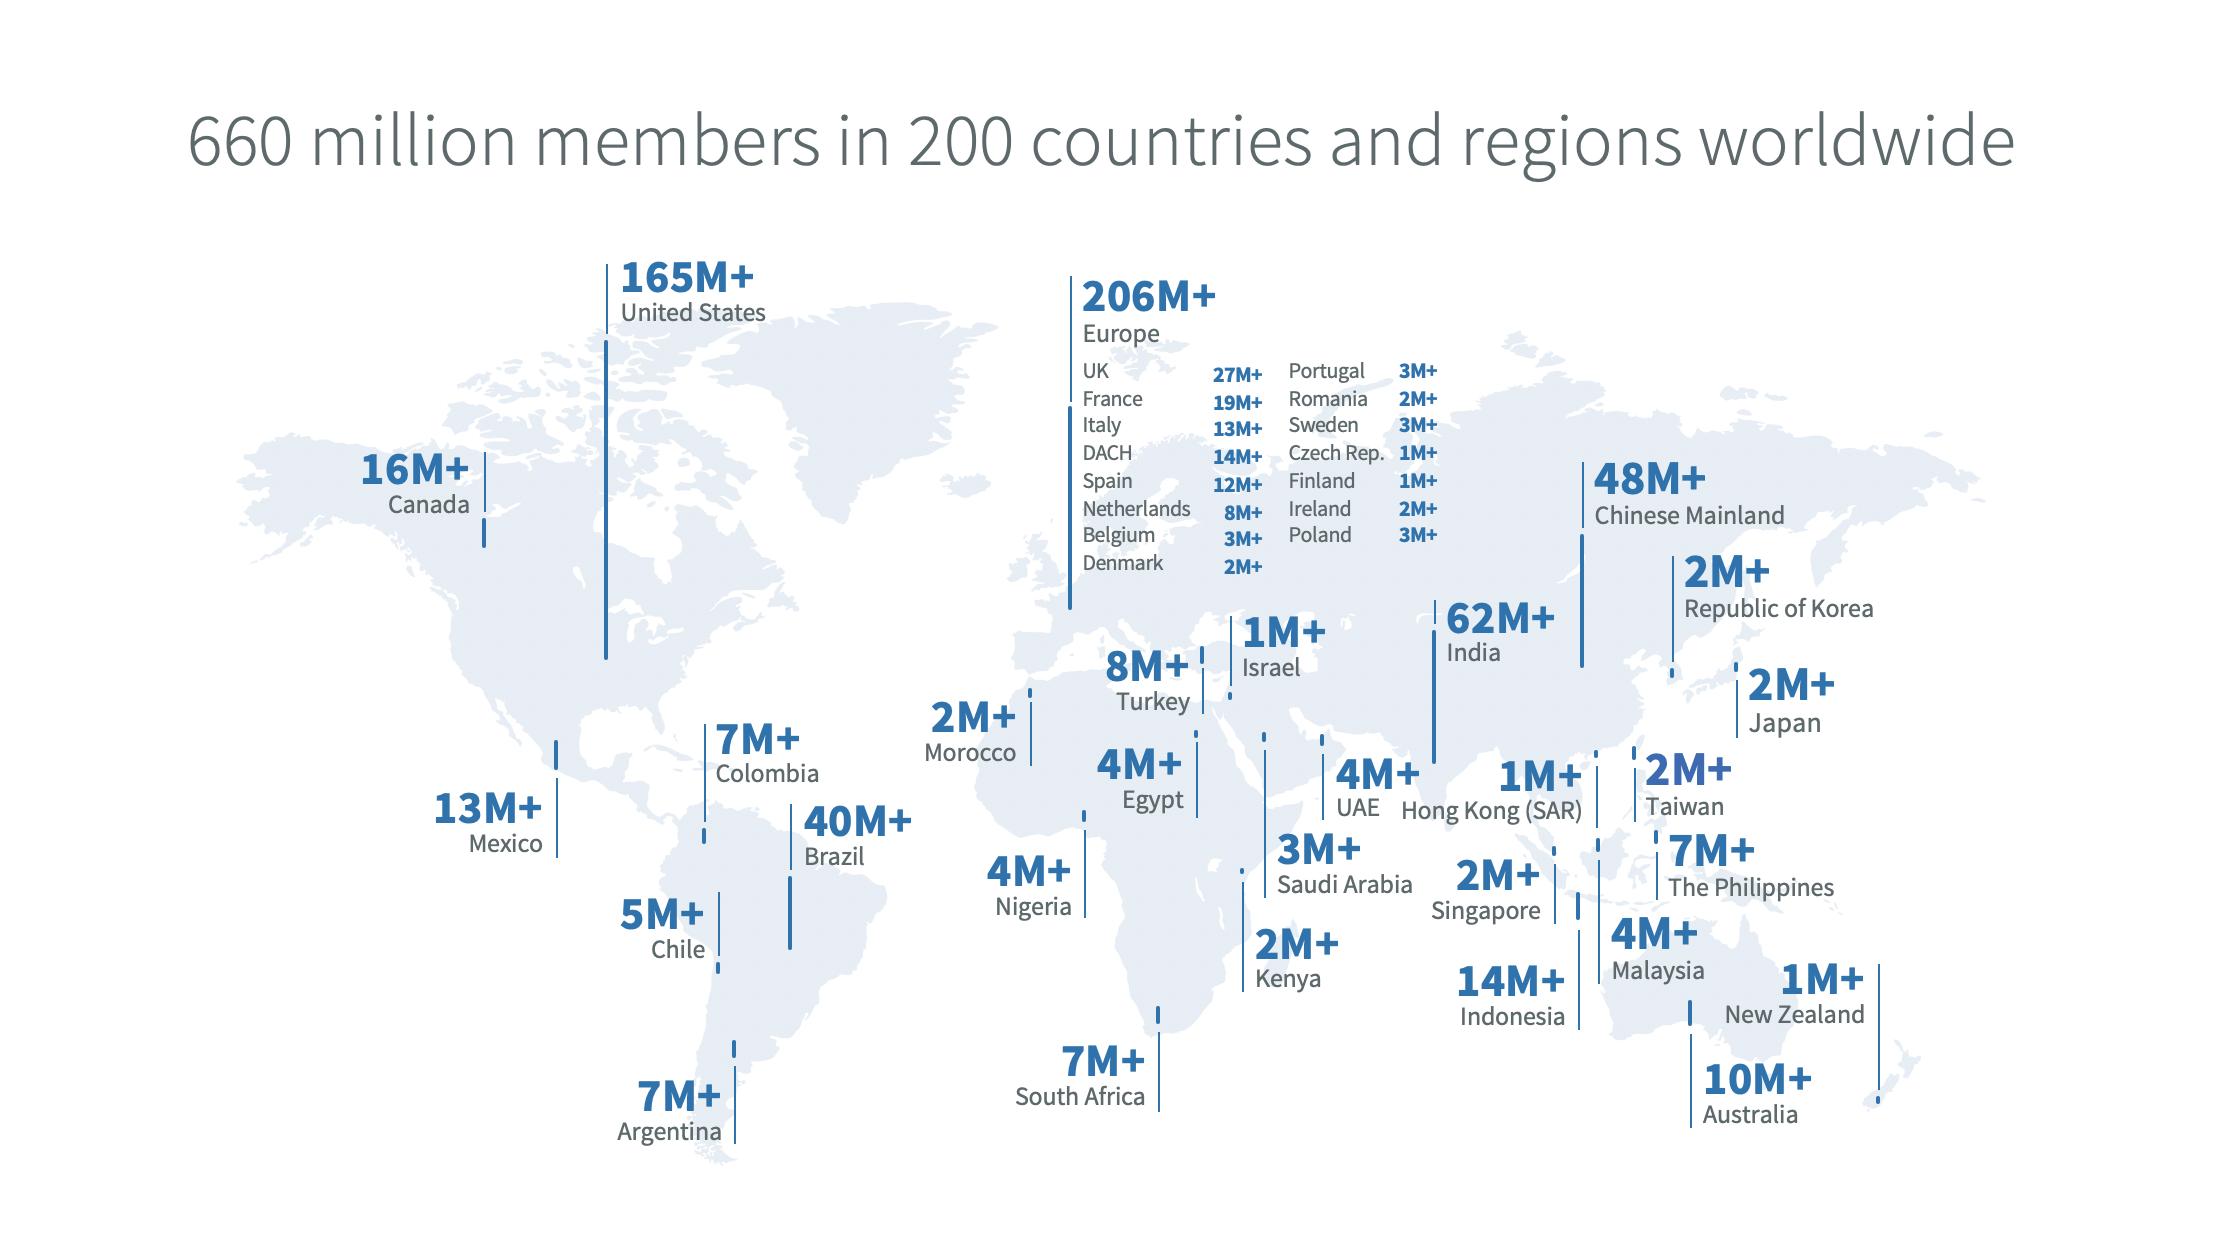 领英在全球的用户数量